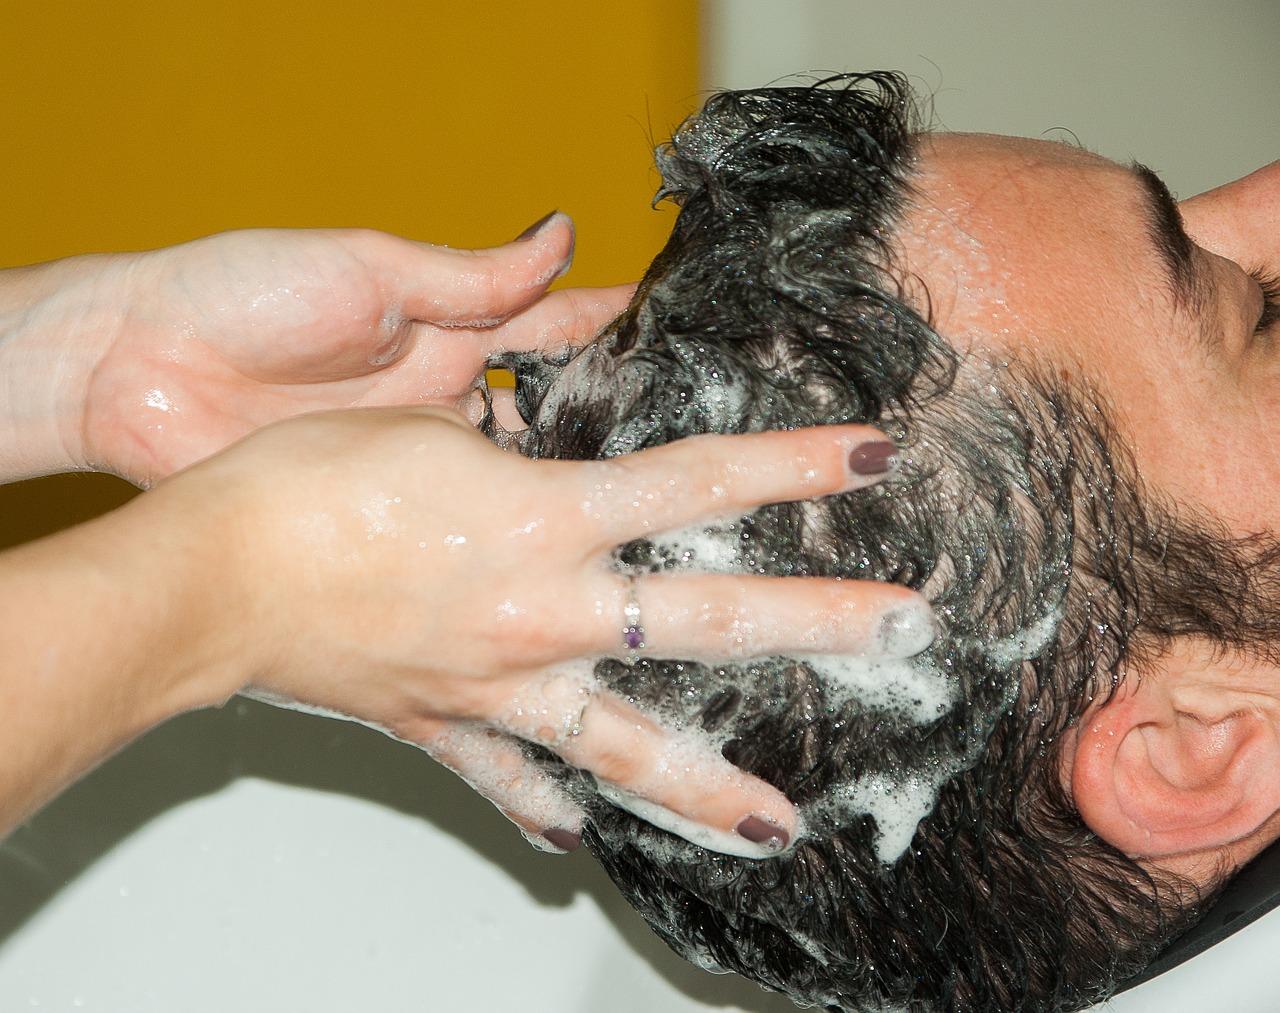 pikkelysömör tünetei és kezelése a fejen fotó bőrkiütés vörös foltok formájában viszket fotó